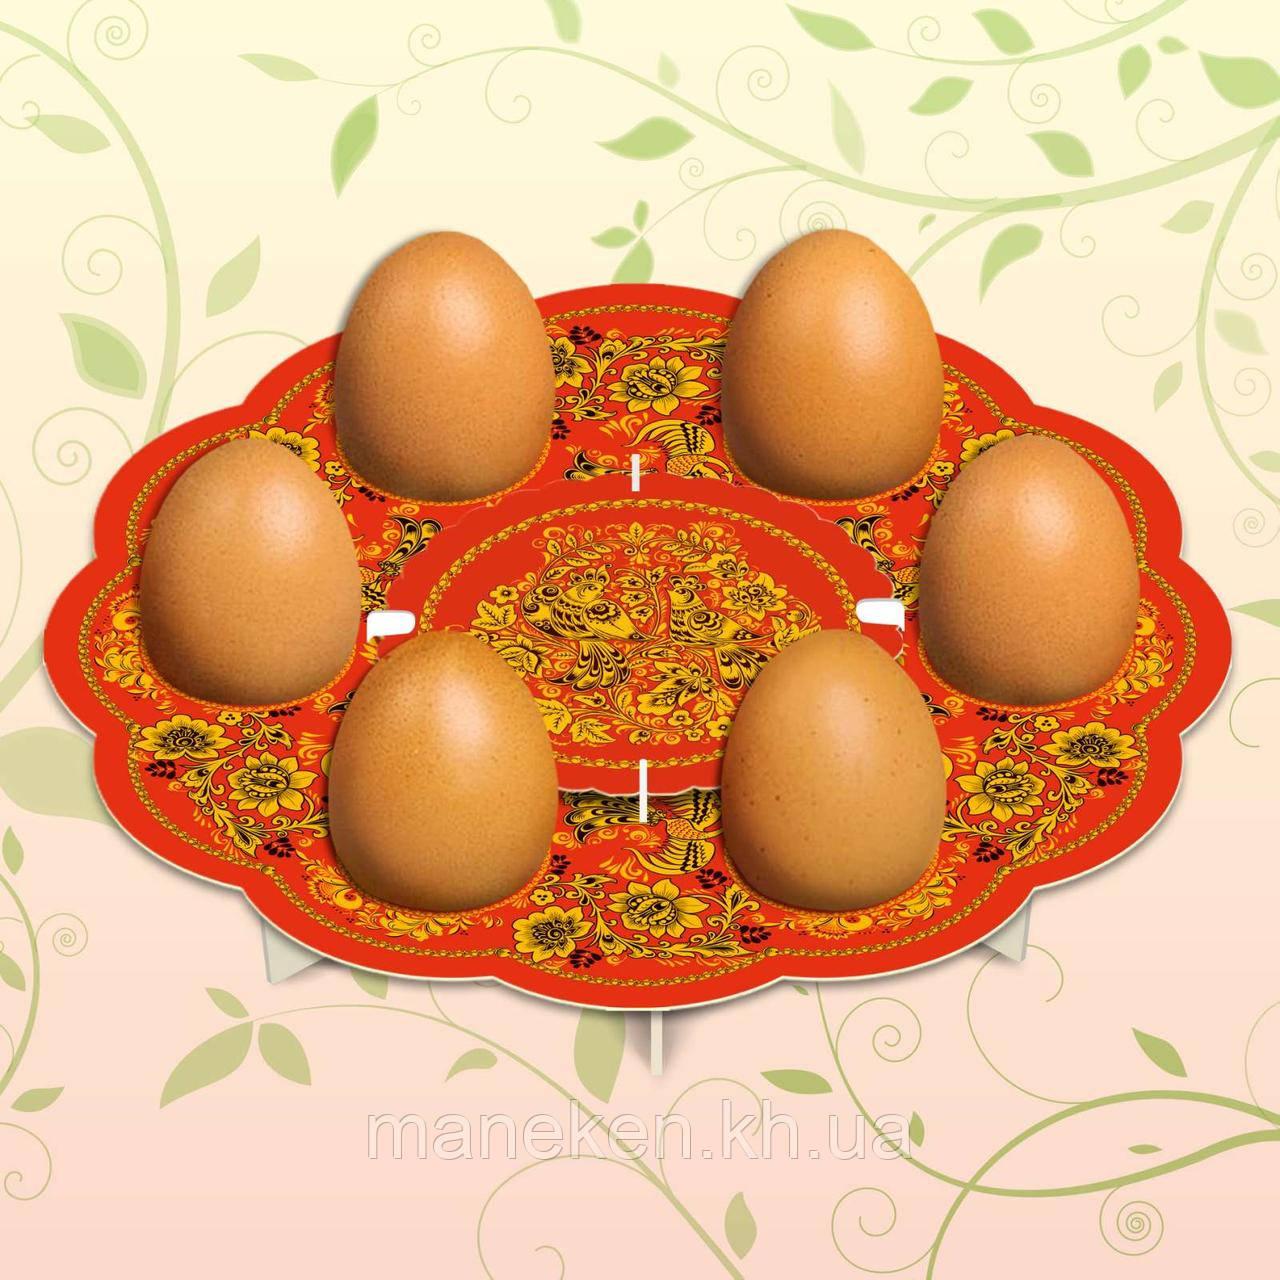 """Декоративная подставка для яиц №6 """"Хохлома"""" (6 яиц) тарелка (1 шт)"""